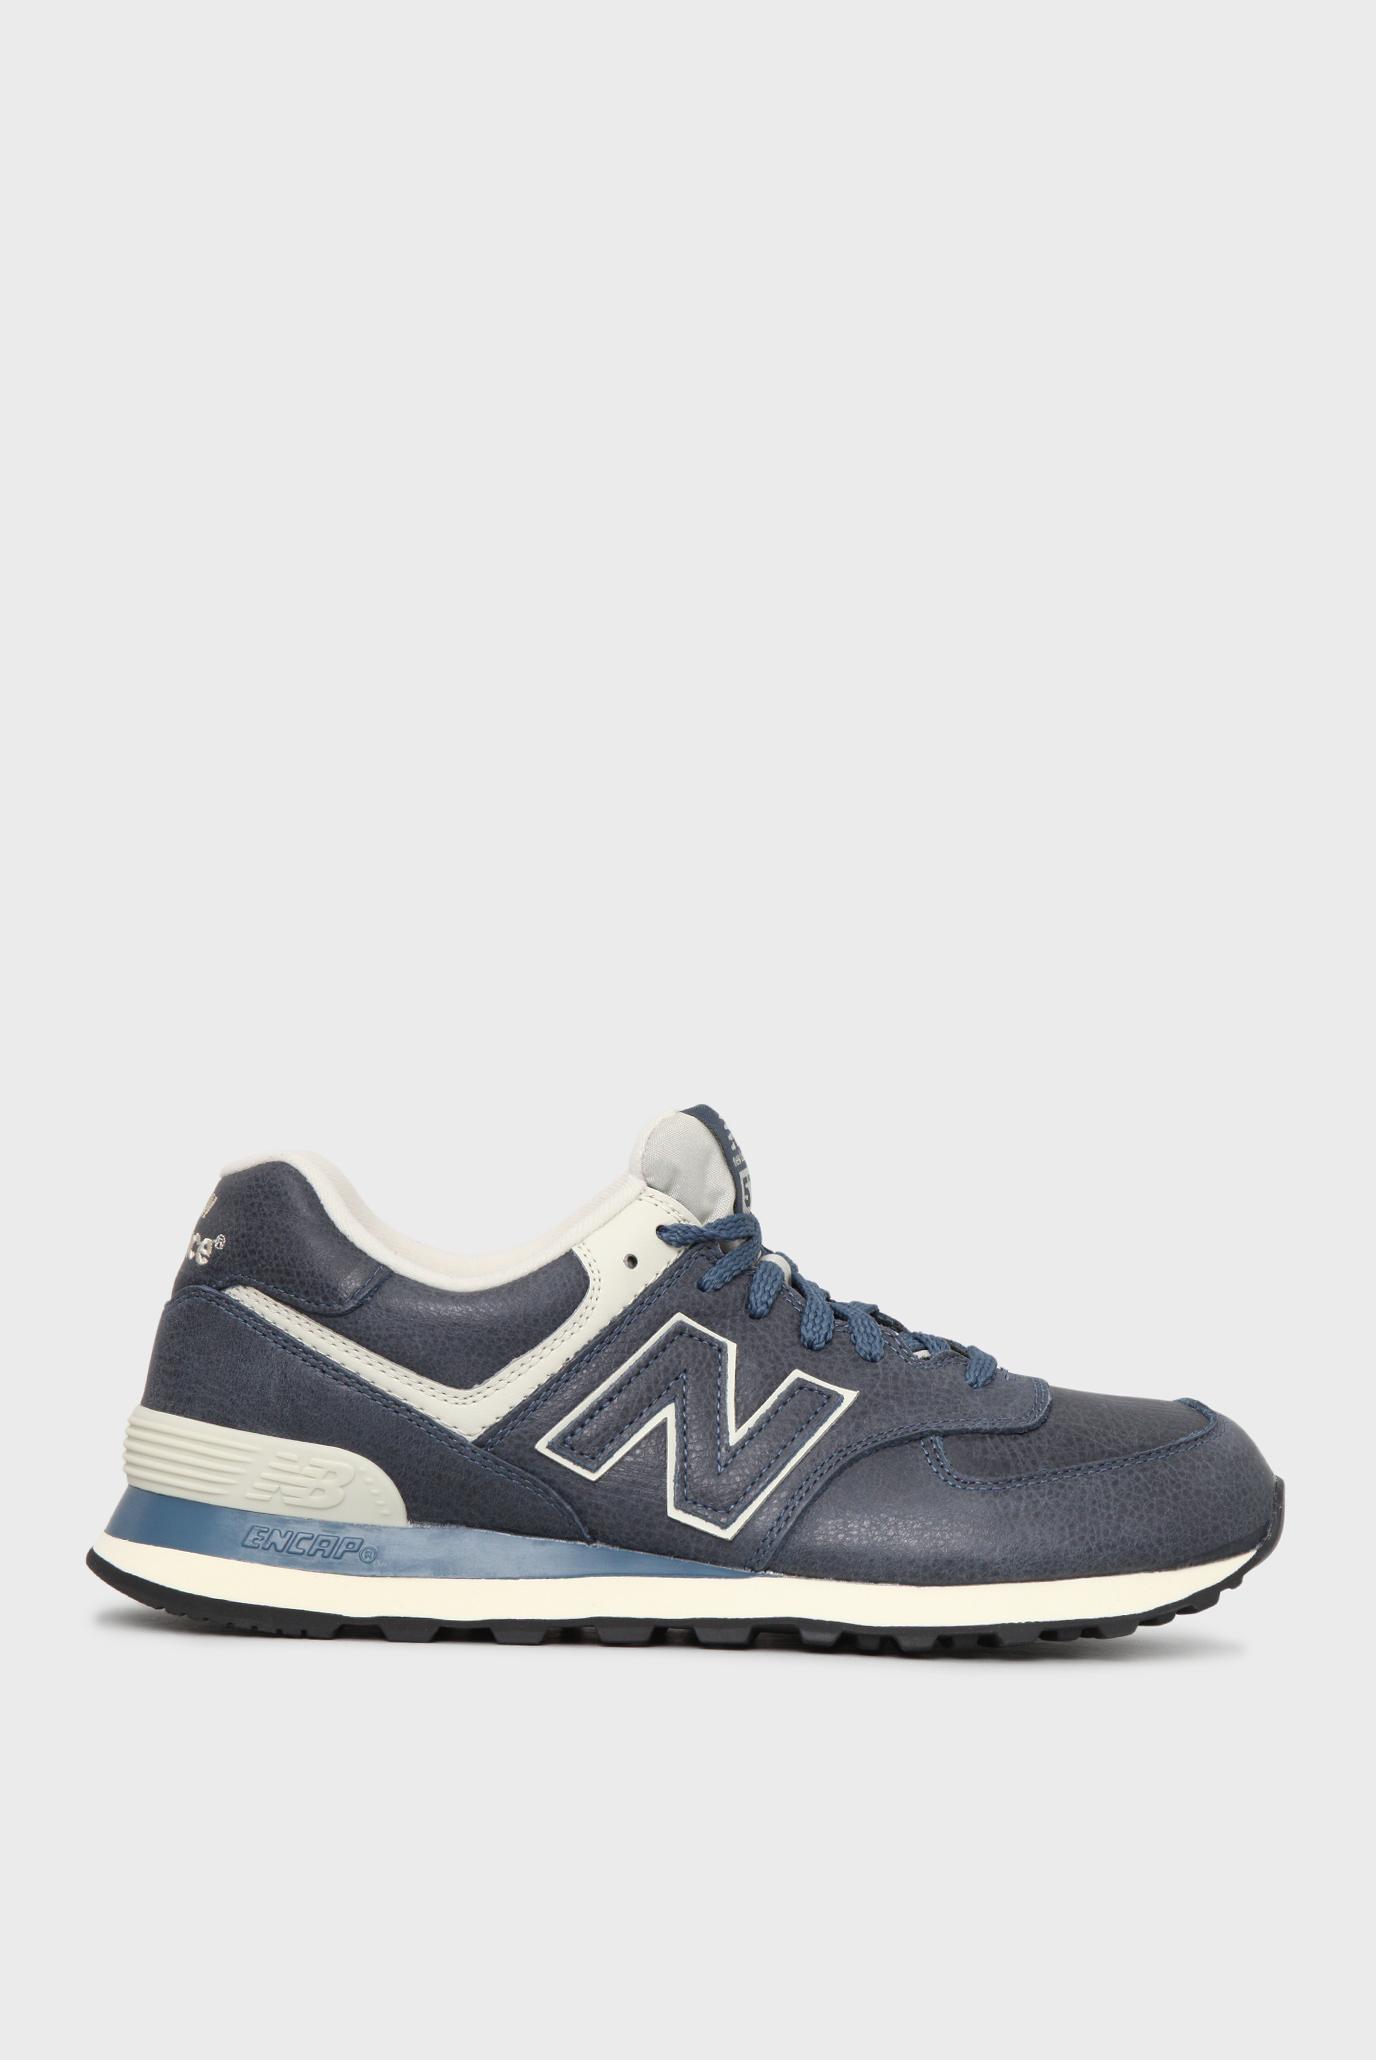 Купить Мужские синие кожаные кроссовки 574 New Balance New Balance ML574LUB  – Киев 4f565cf2b8753